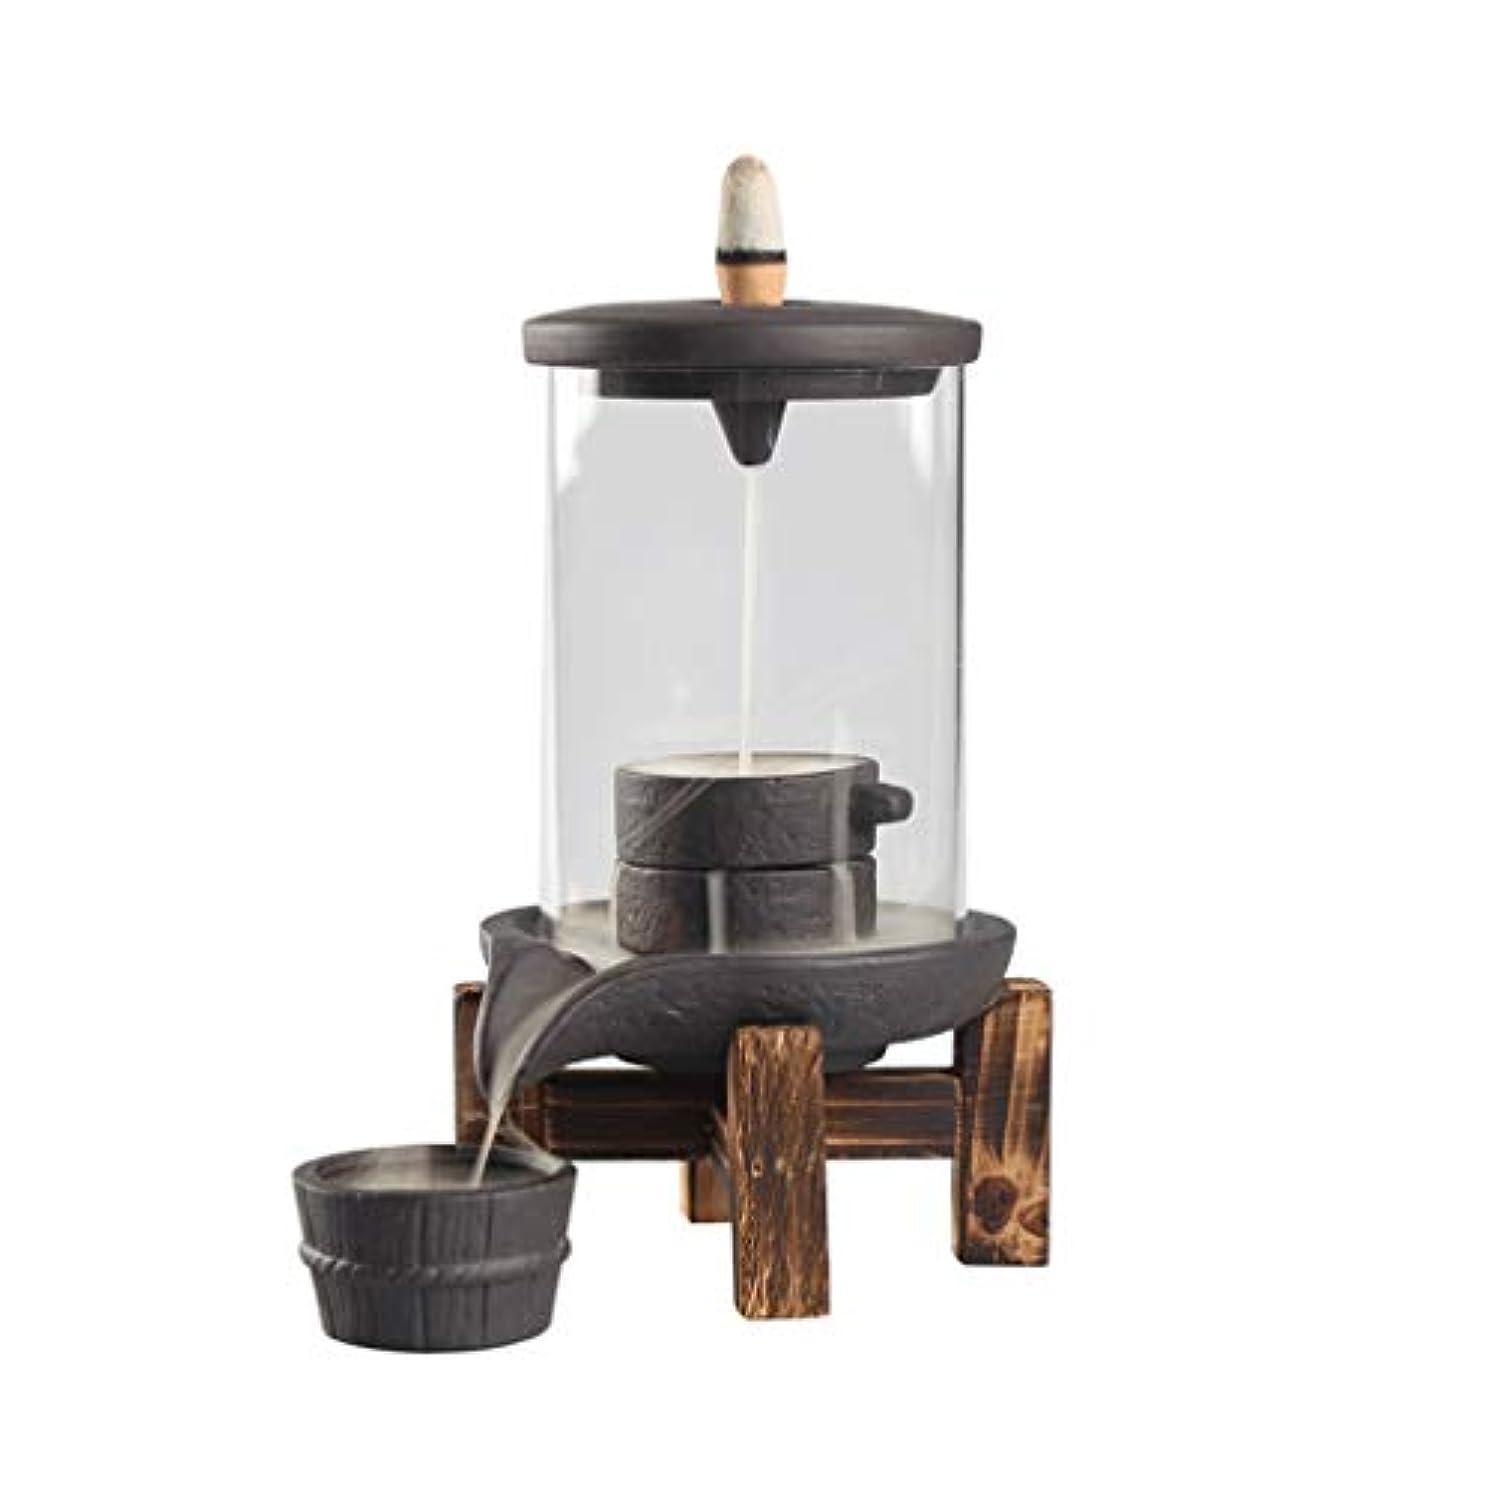 レポートを書く後ろにガイドライン逆流ガラス香のホールダー縦の寒天の陶磁器の香バーナーの儀式空気浄化の香の床の香のホールダー (Color : Black, サイズ : 3.74*6.7INCHS)